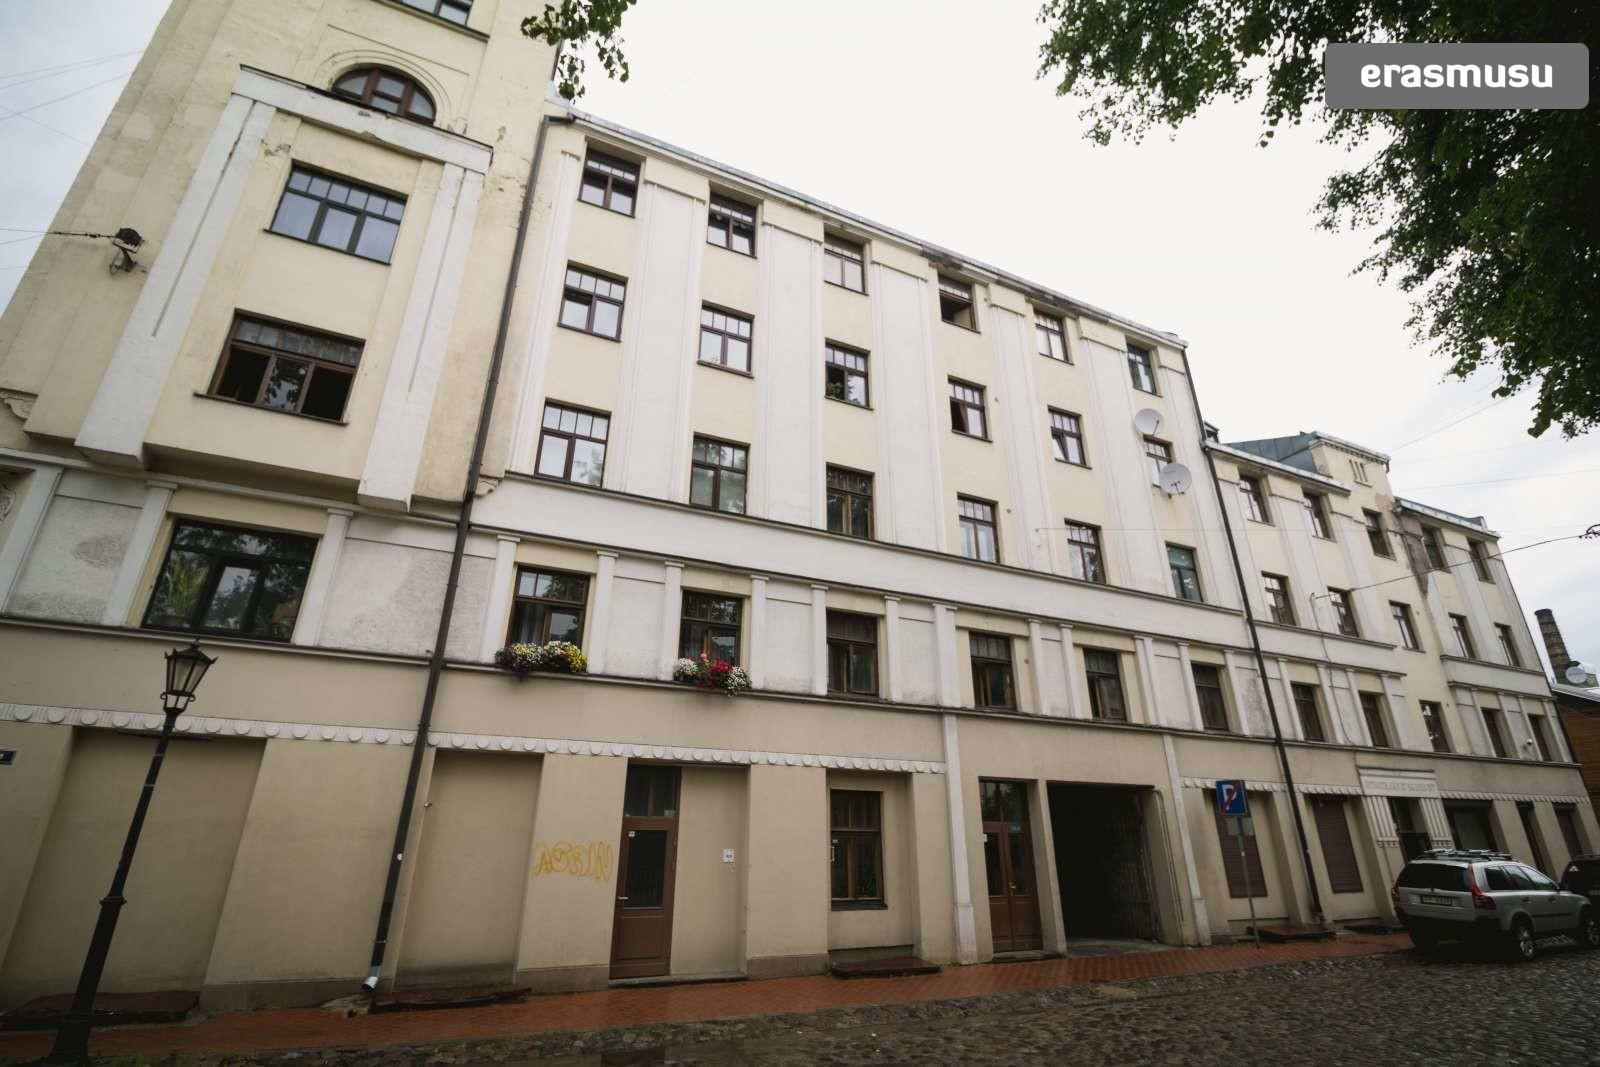 cozy-1-bedroom-apartment-rent-avoti-eb9b75c97e059ad1af6313072cf2